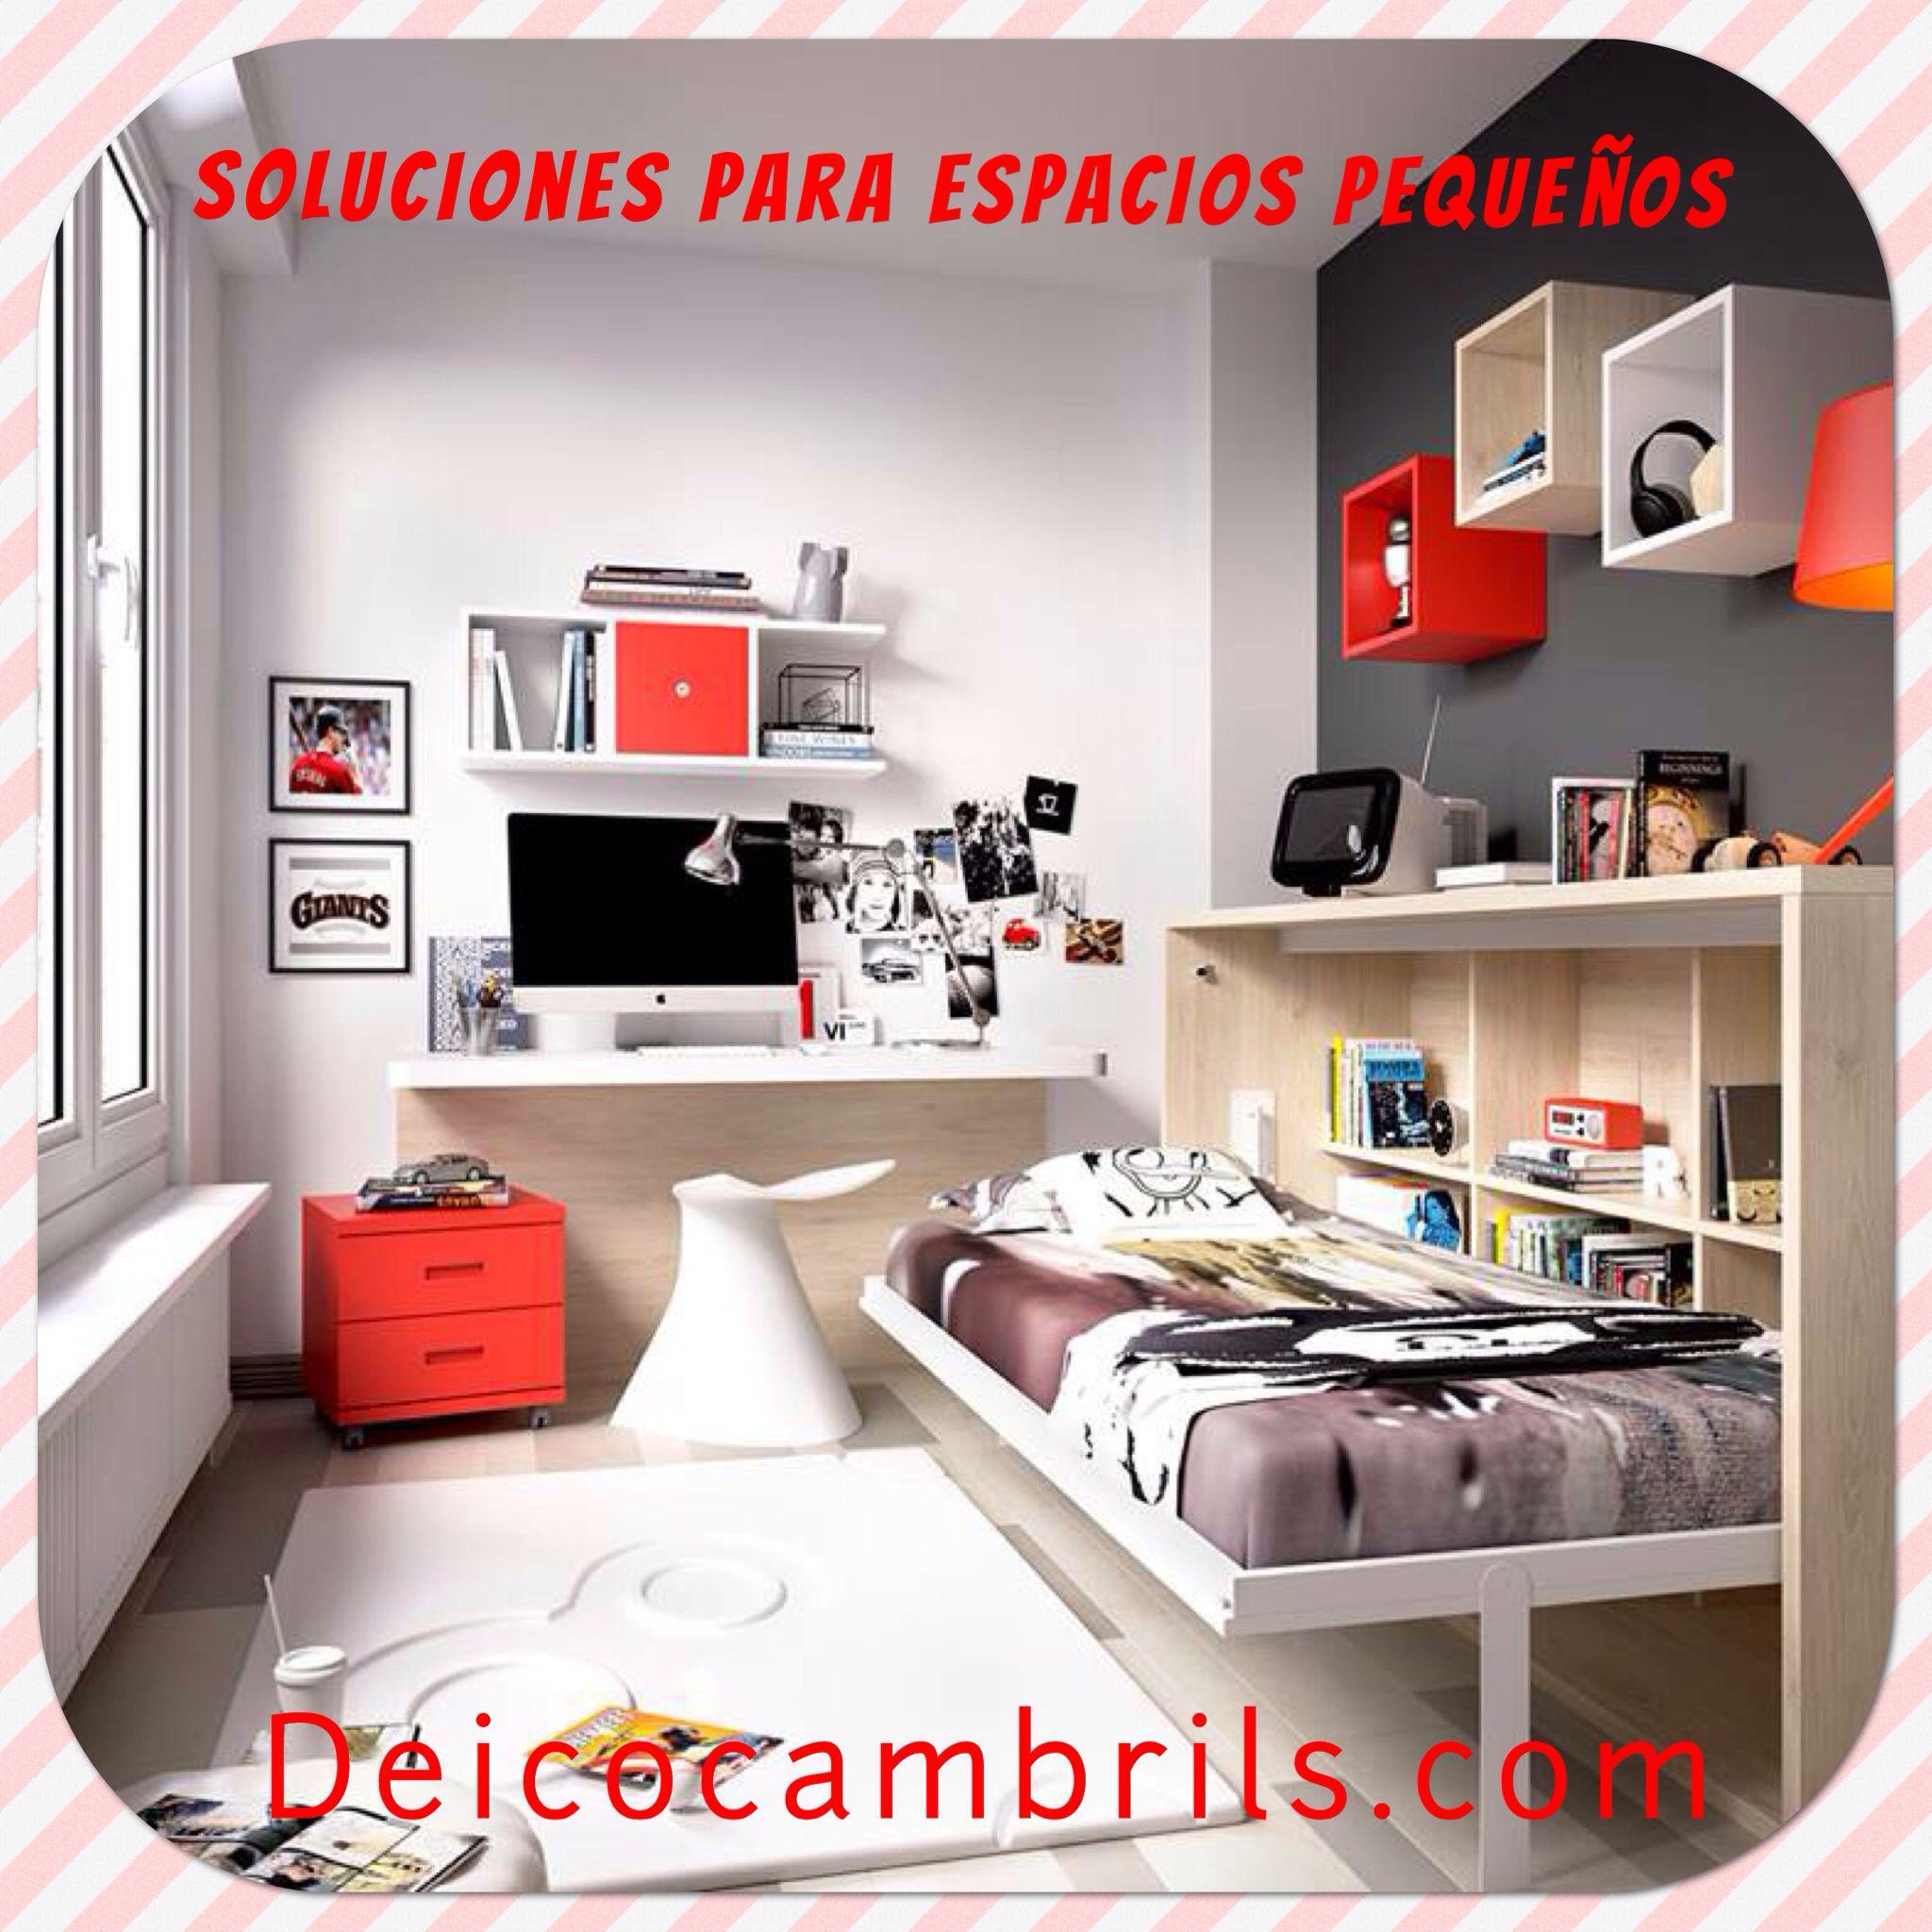 Soluciones para espacios peque os ni os espacios peque os peque os y casas - Soluciones para espacios pequenos ...